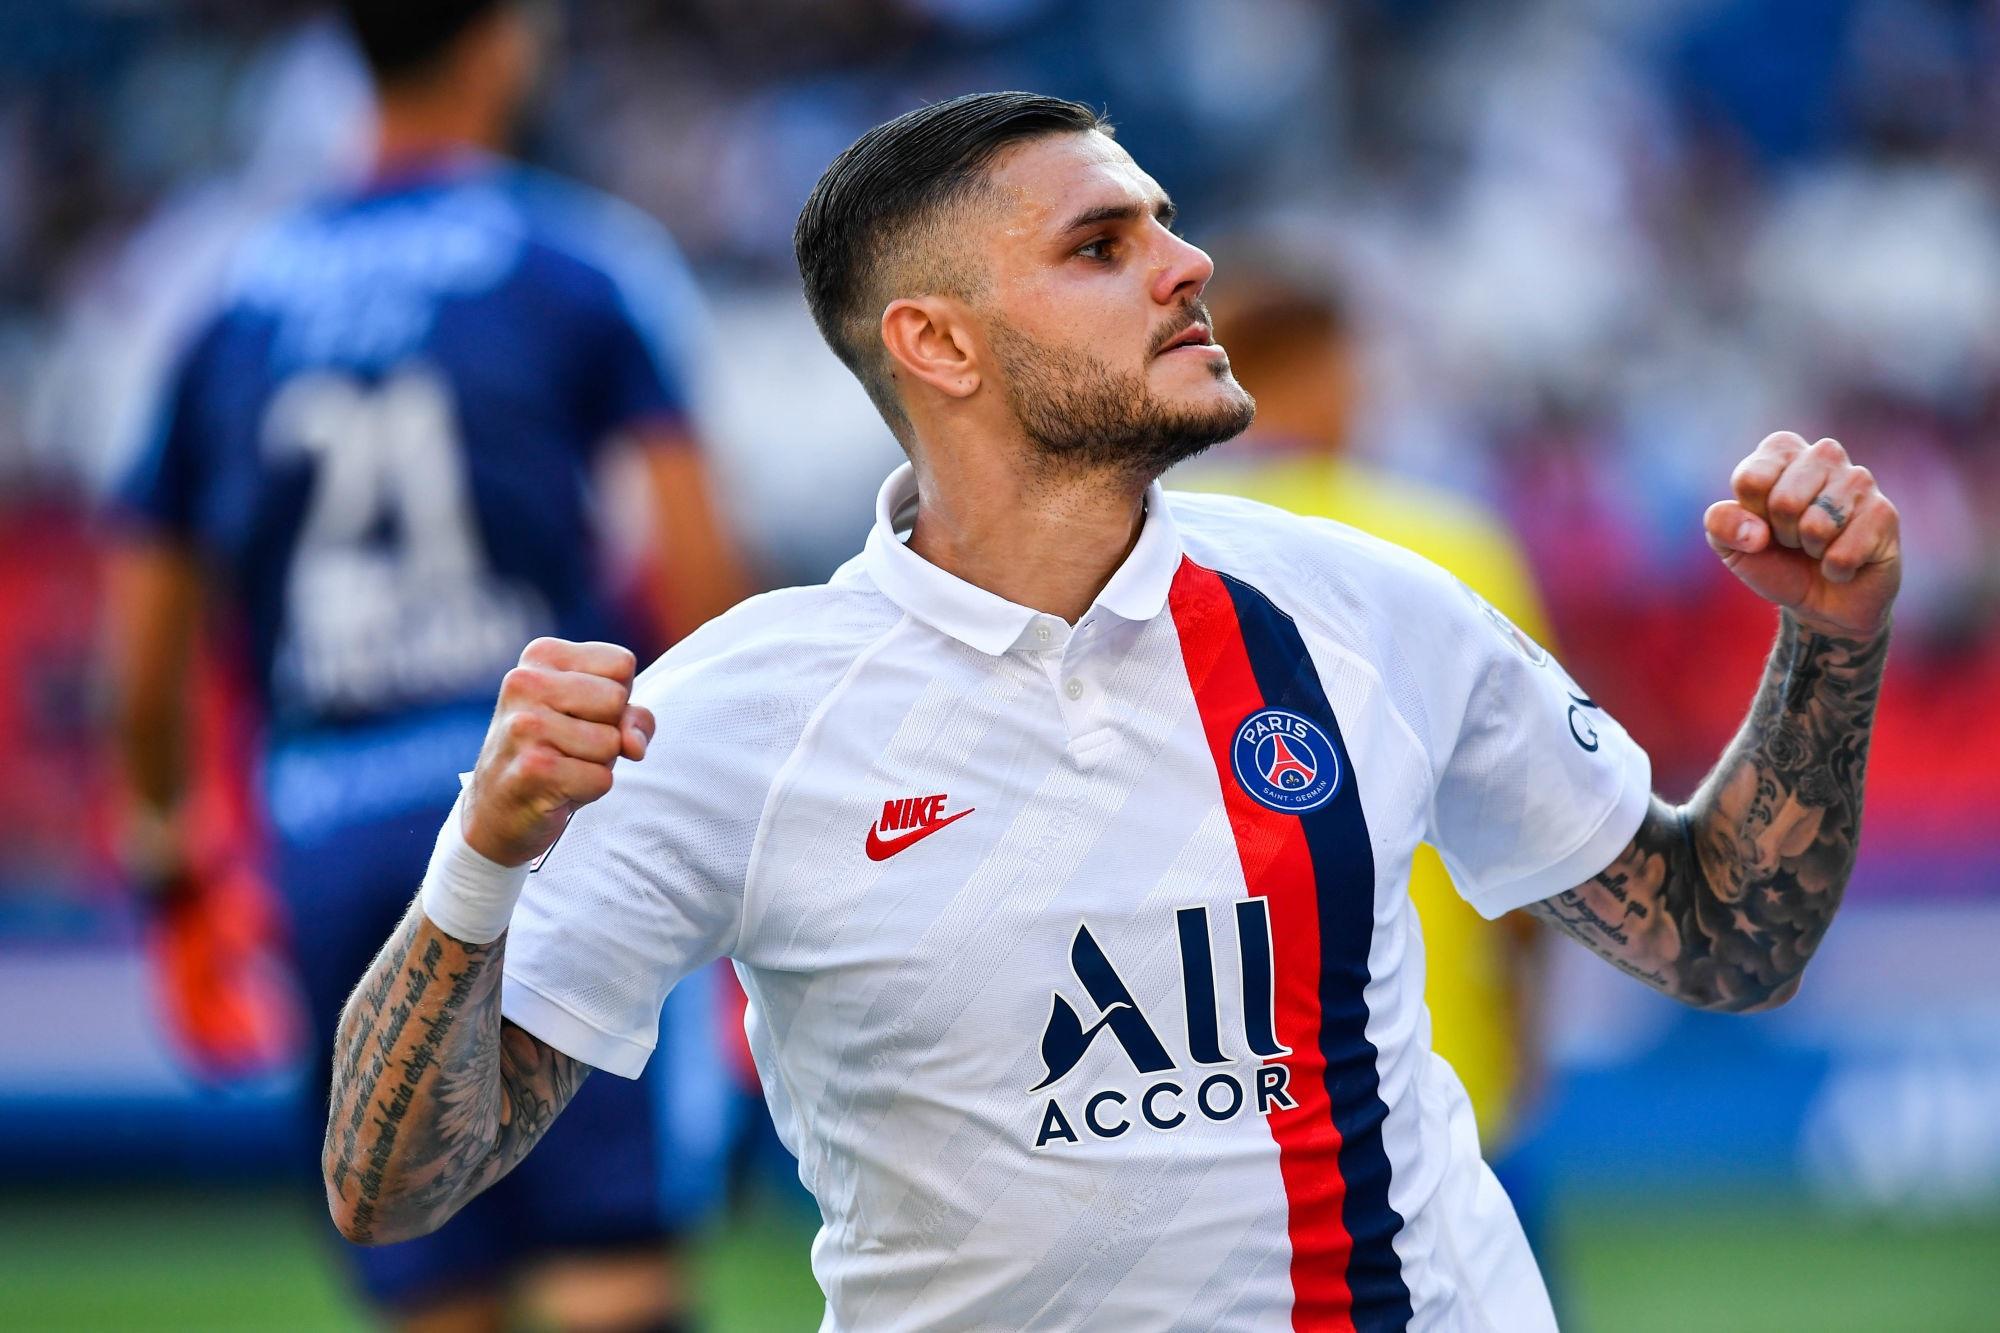 PSG/Metz - L'équipe parisienne selon la presse : Icardi, Marquinhos et Draxler titulaires